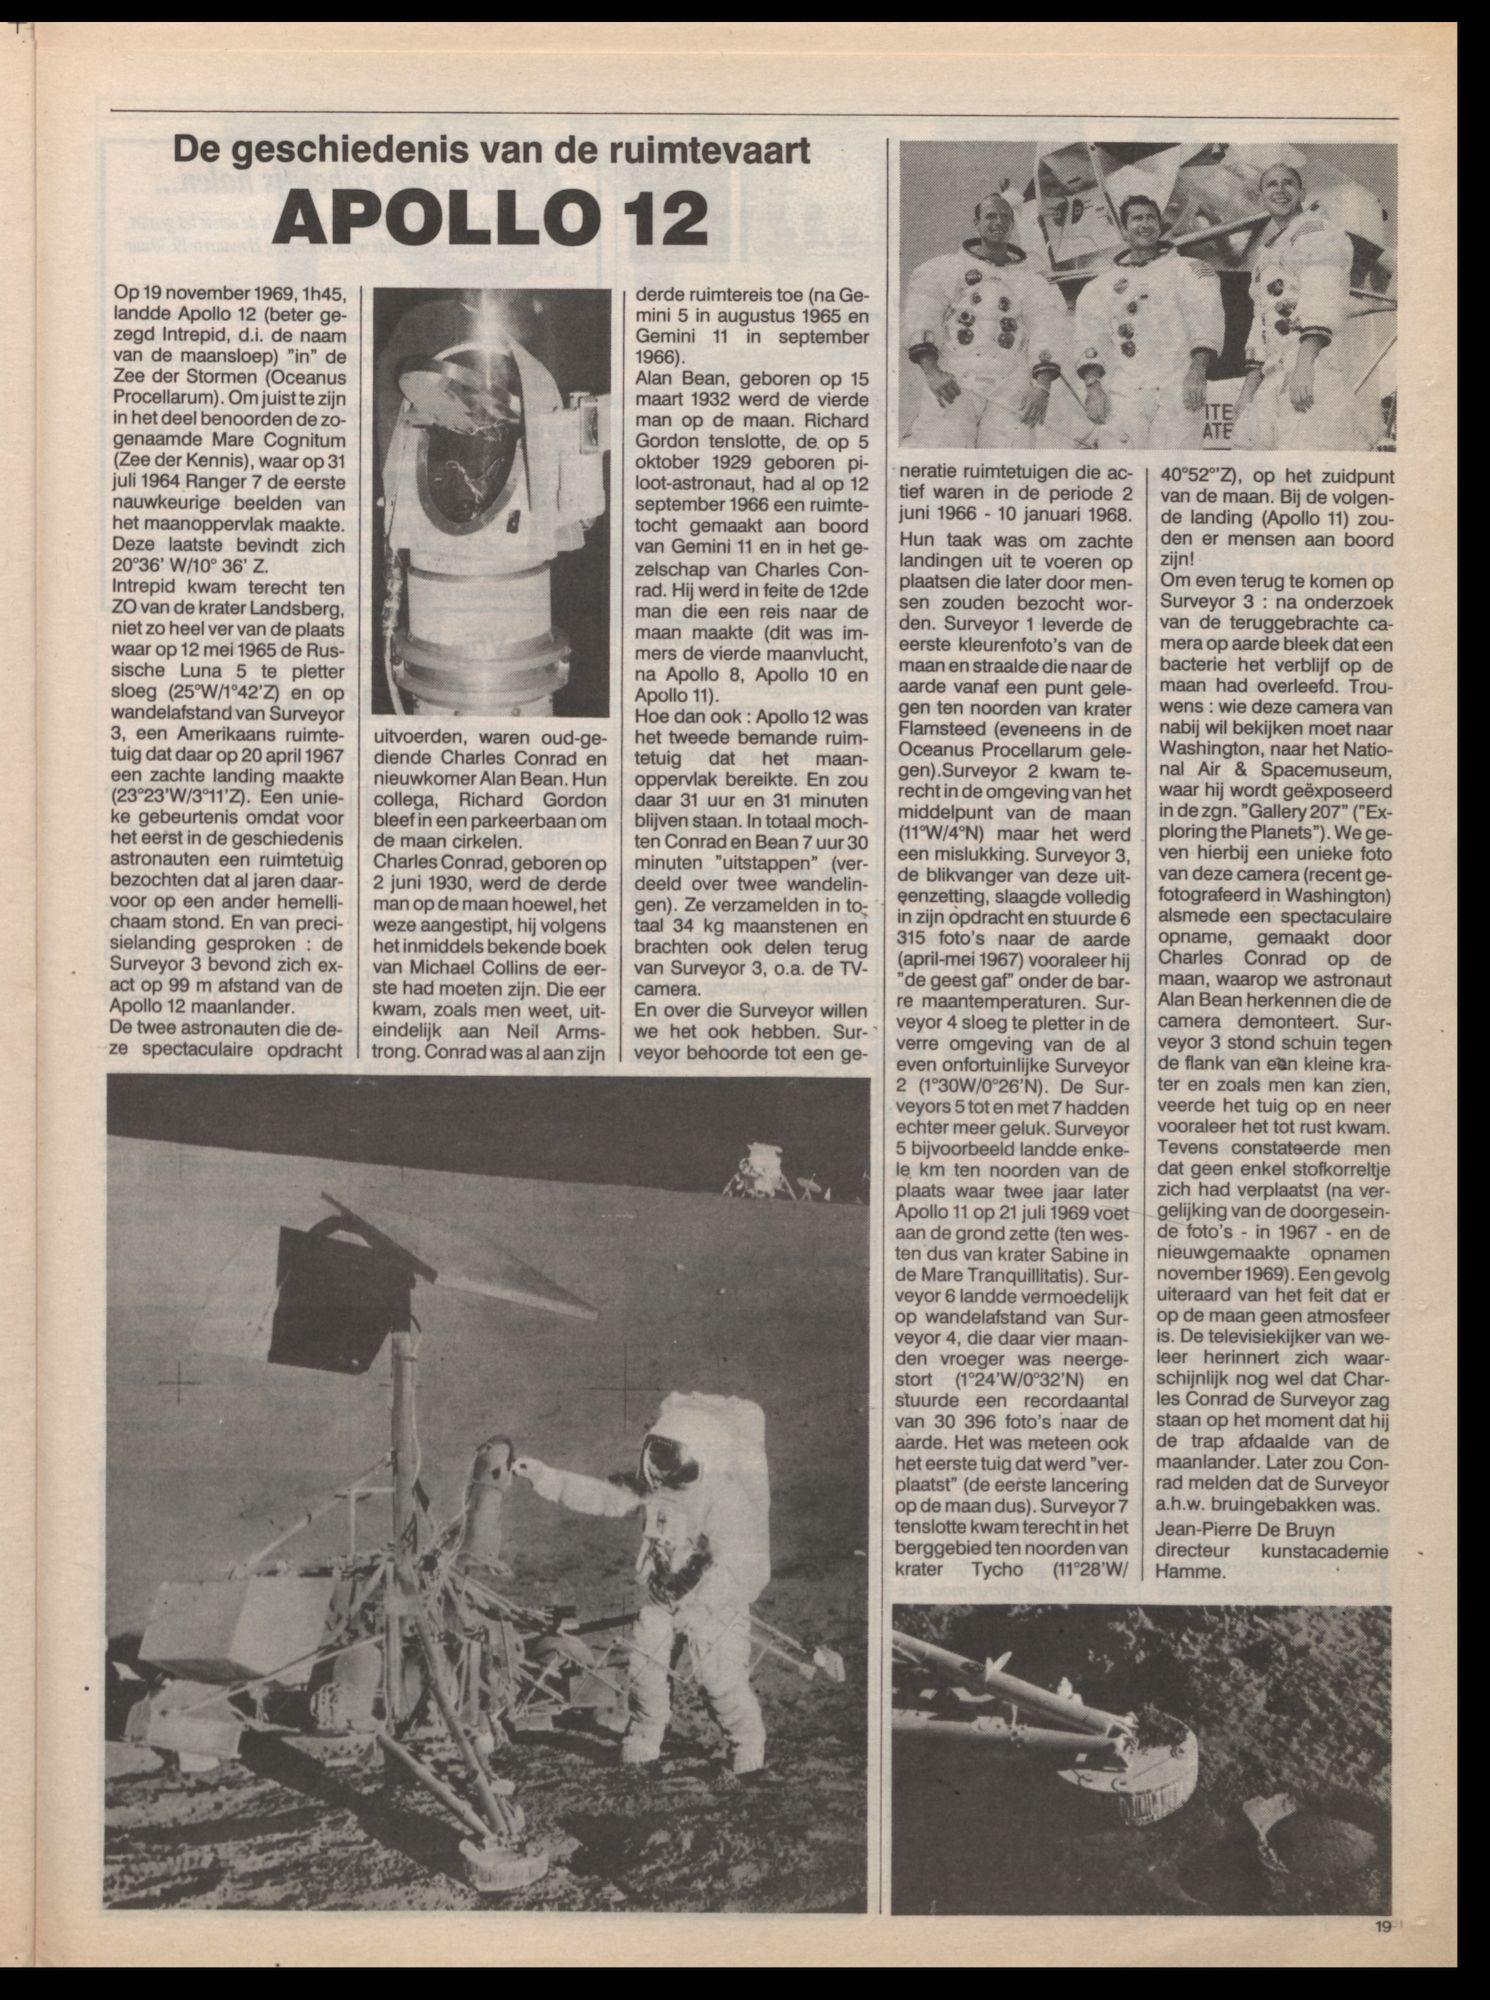 GAZET VAN ZELE 1990-03-16 p18